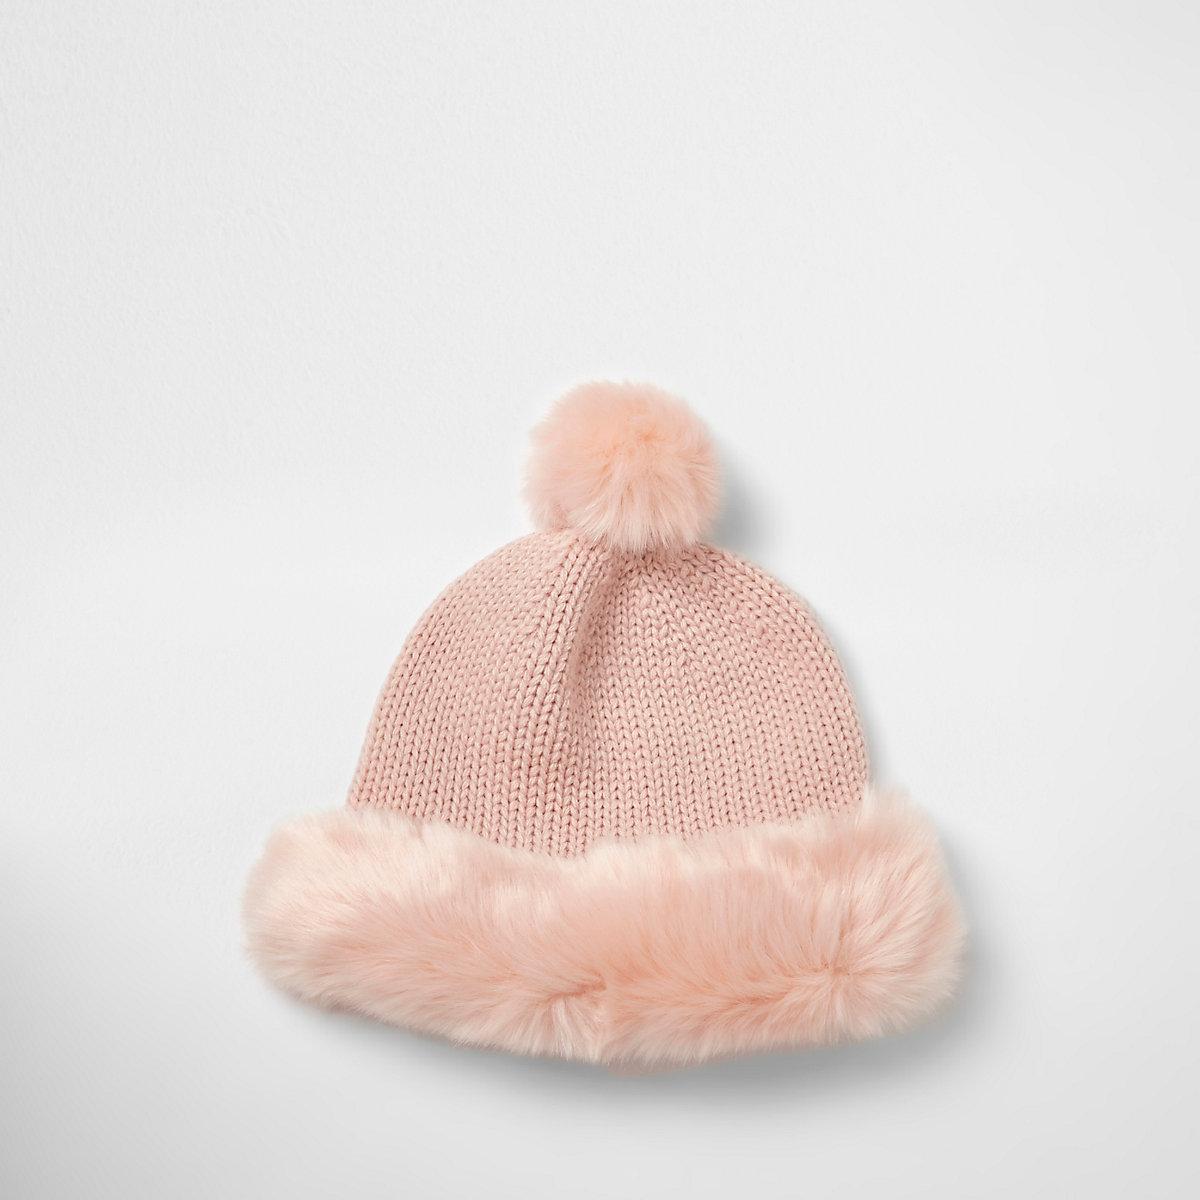 6c7080e0308 Light pink faux fur trim beanie hat - Accessories - Sale - women